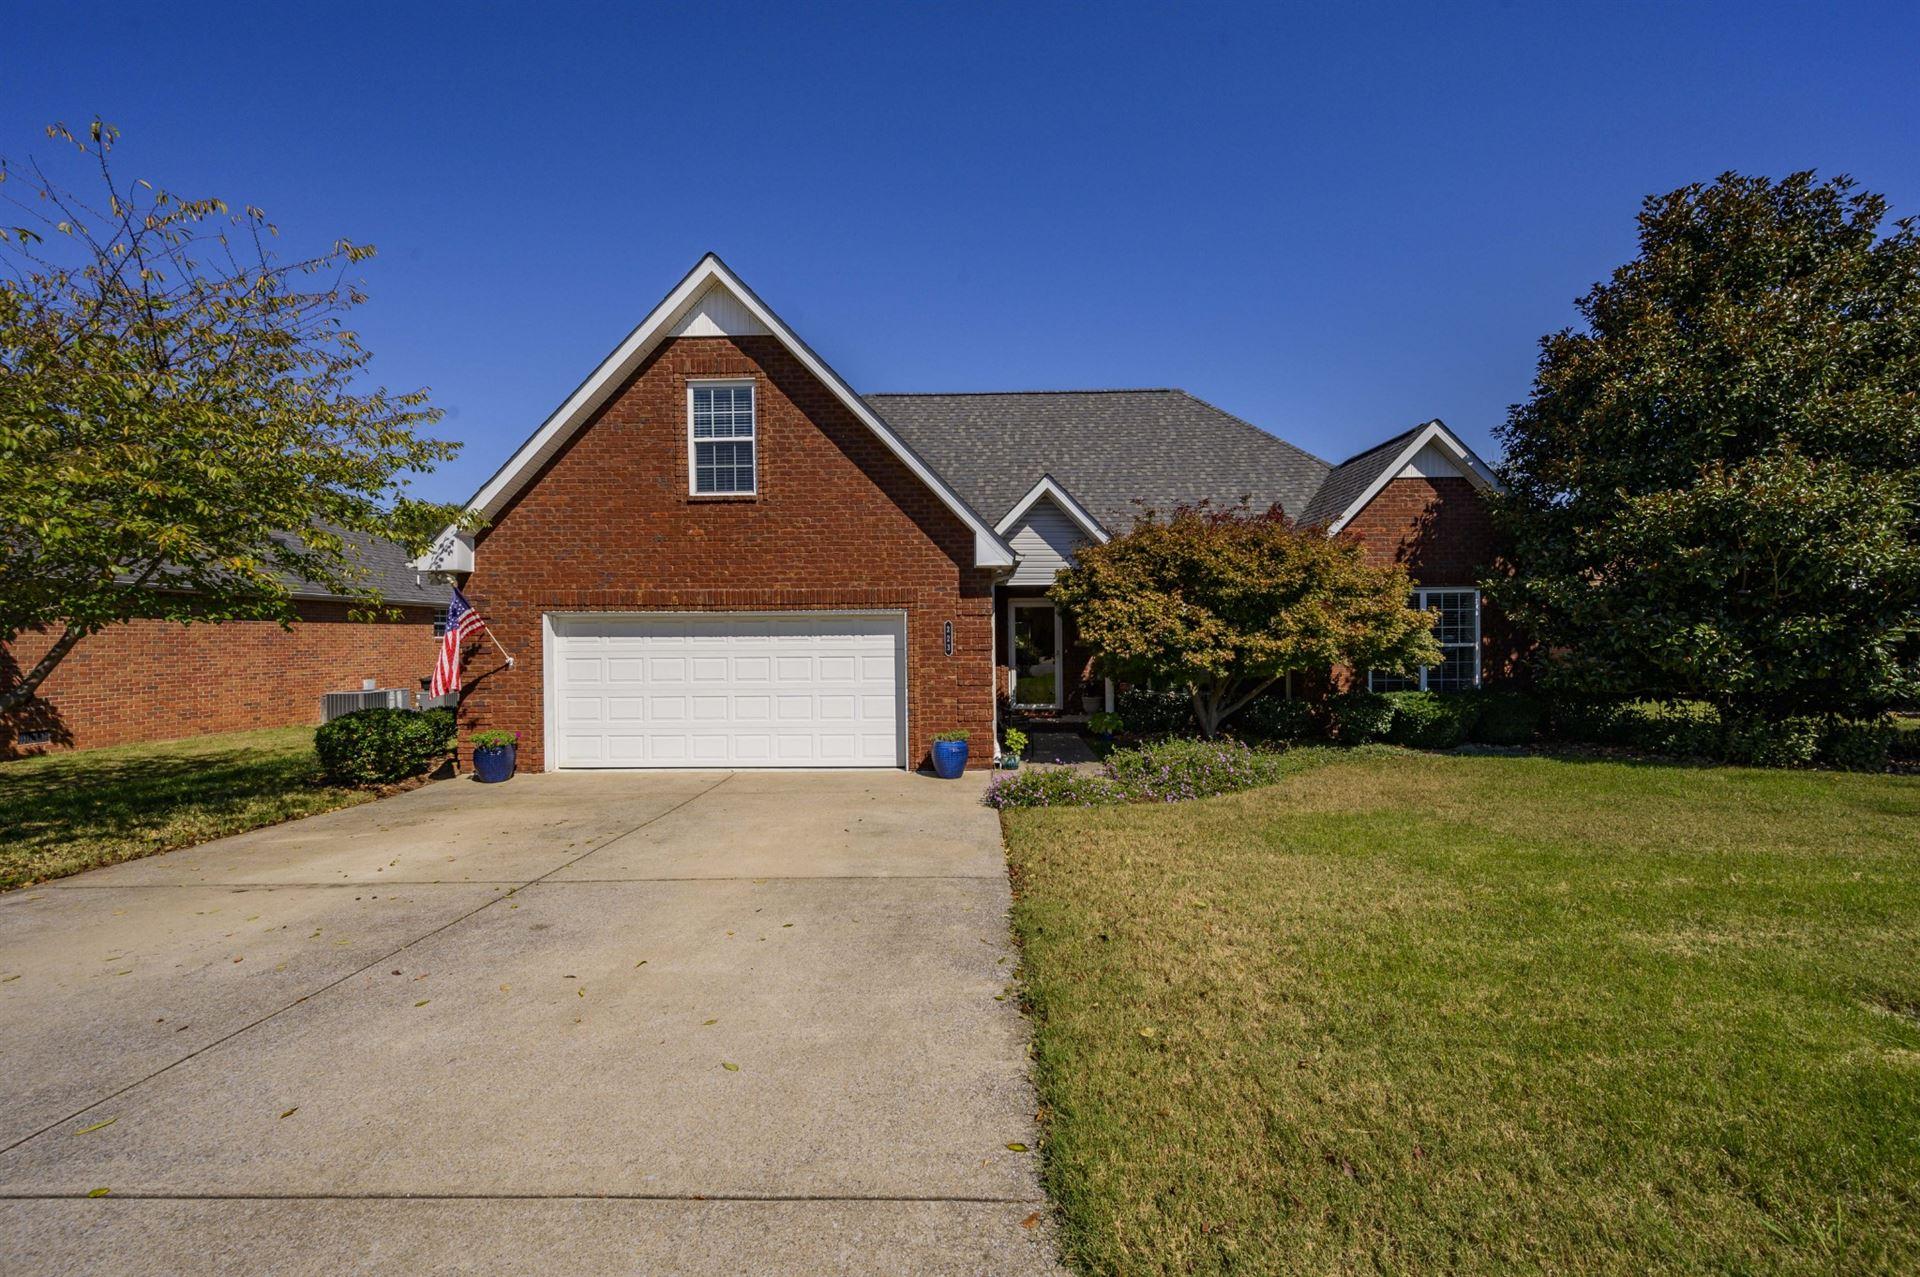 223 Quanah Parker Trl, Murfreesboro, TN 37127 - MLS#: 2294281